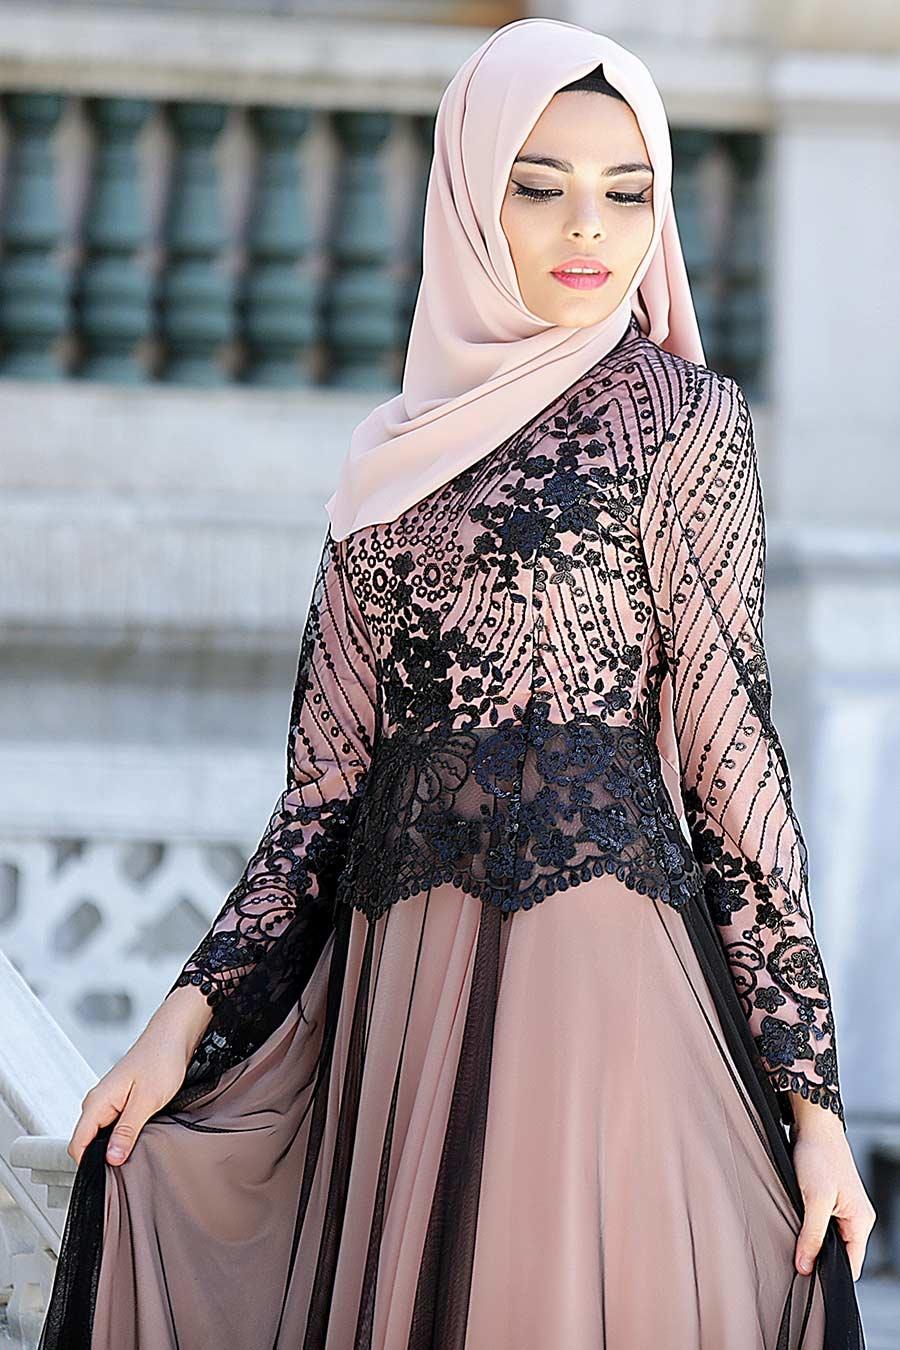 بالصور اجمل بنات محجبات فى العالم , صور جميله للبنات بالحجاب 6146 10